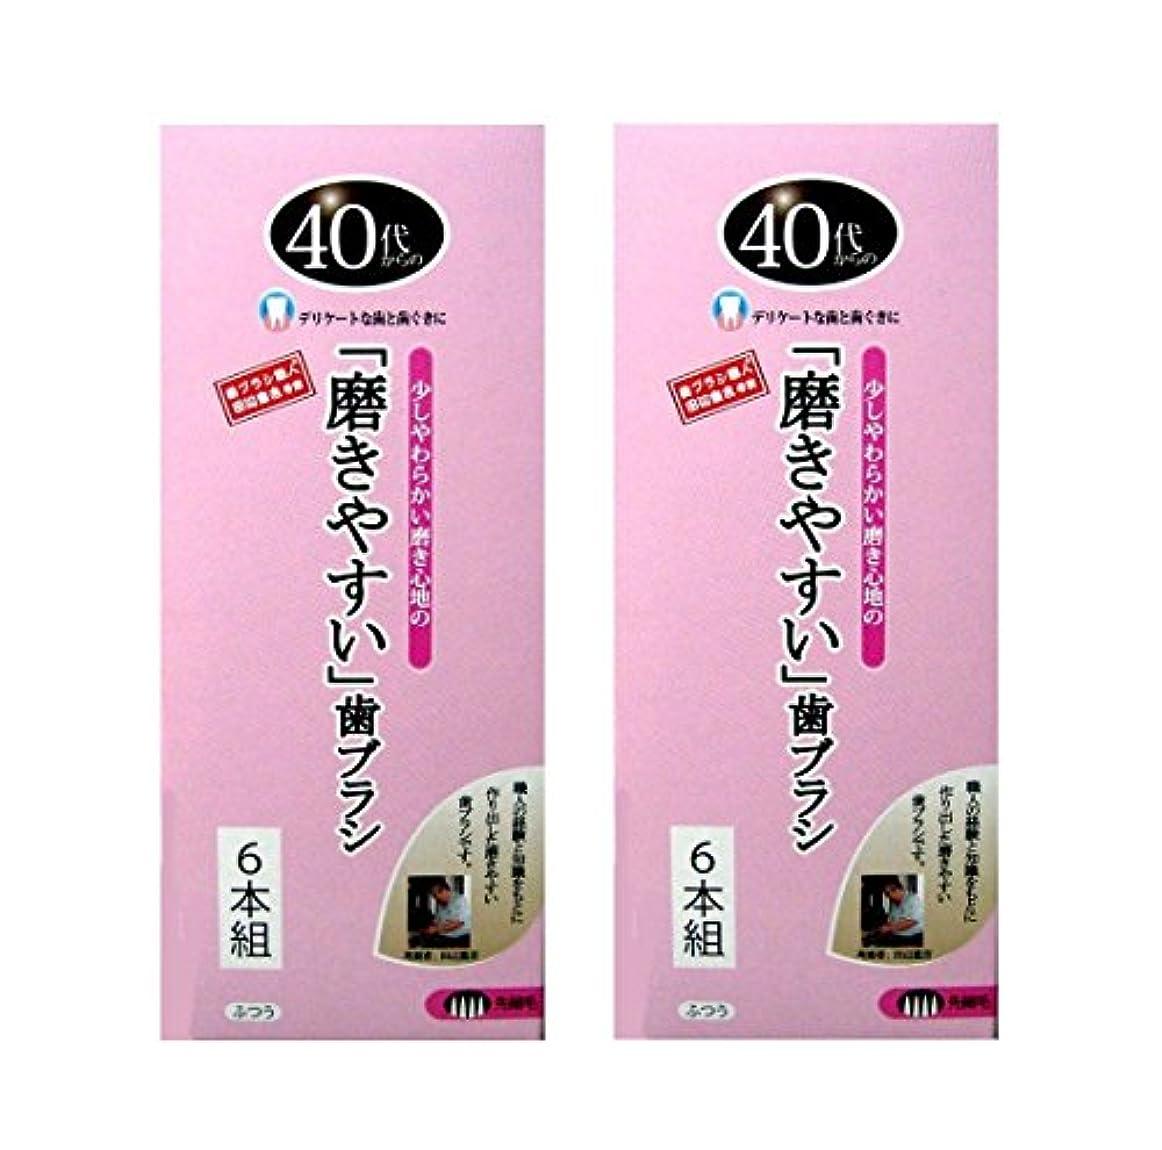 晩ごはん到着気づかない歯ブラシ職人 田辺重吉考案 40代からの磨きやすい歯ブラシ 先細 6本組×2個セット